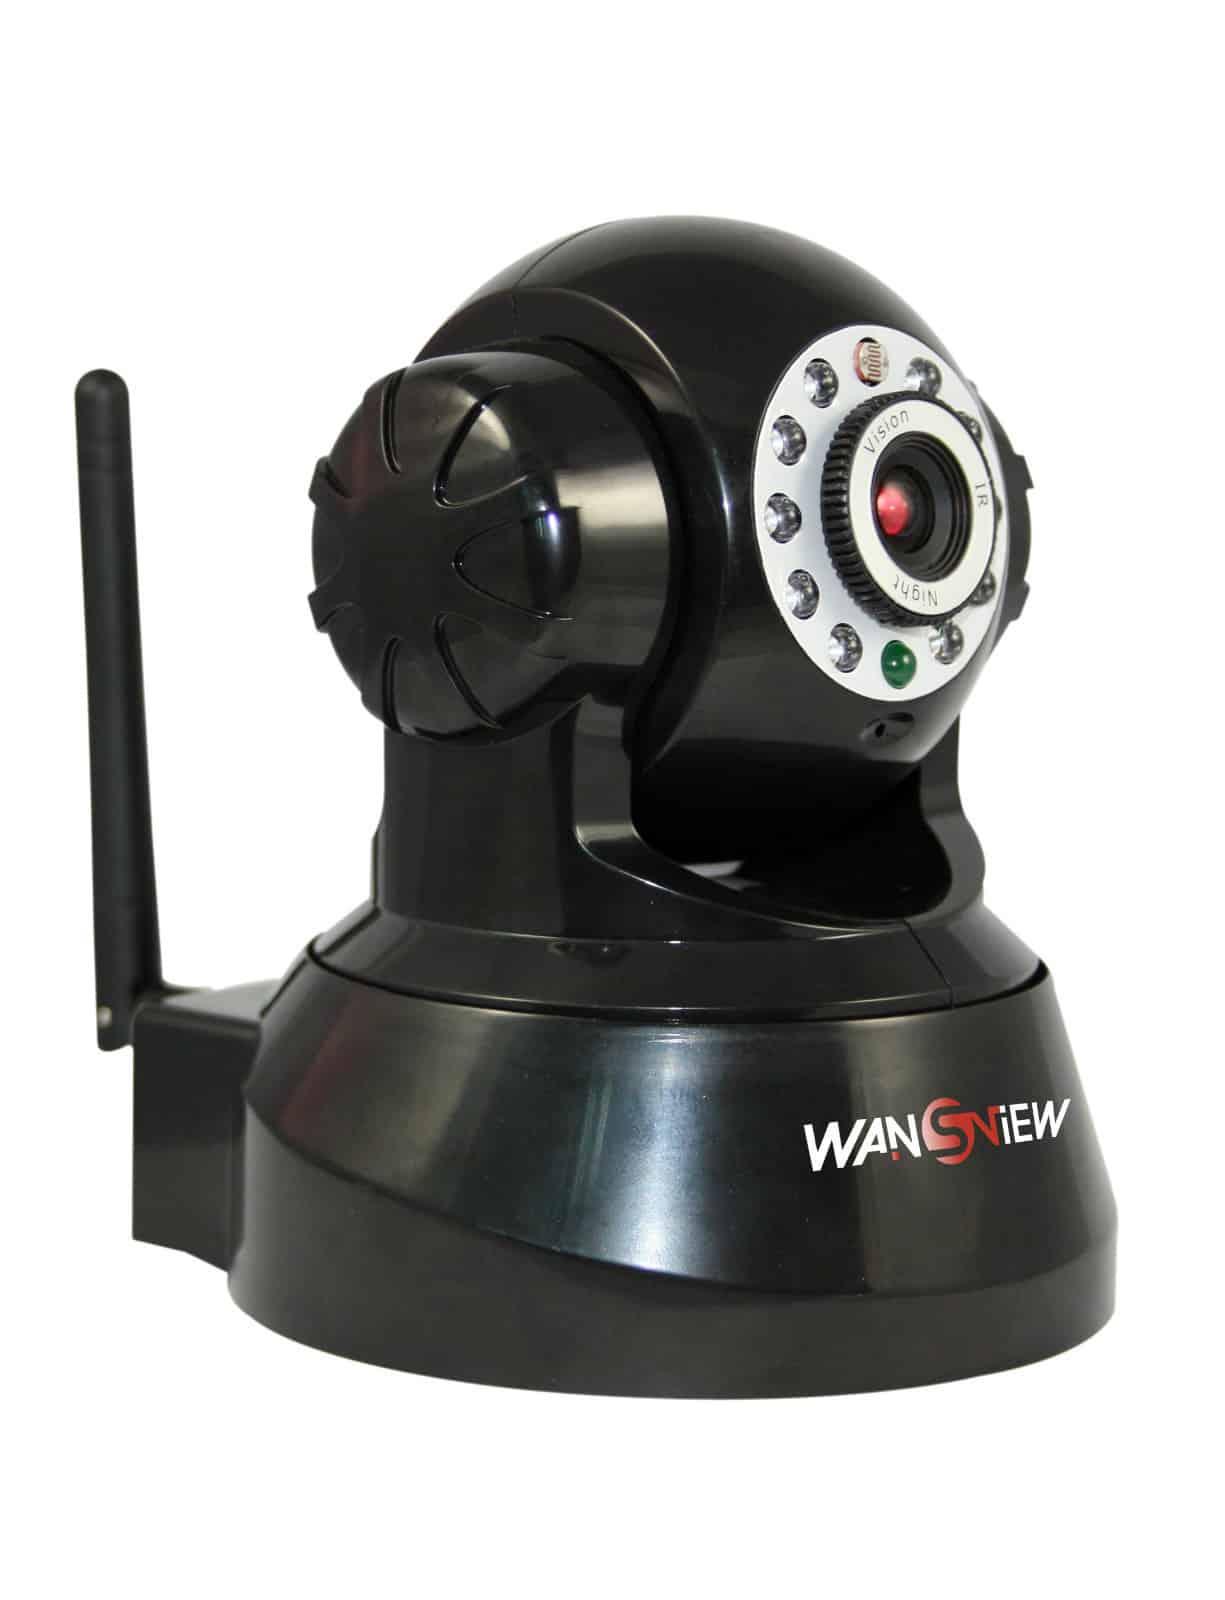 Tiếp cận công nghệ mới cho việc lắp đặt camera ip giám sát của bạn